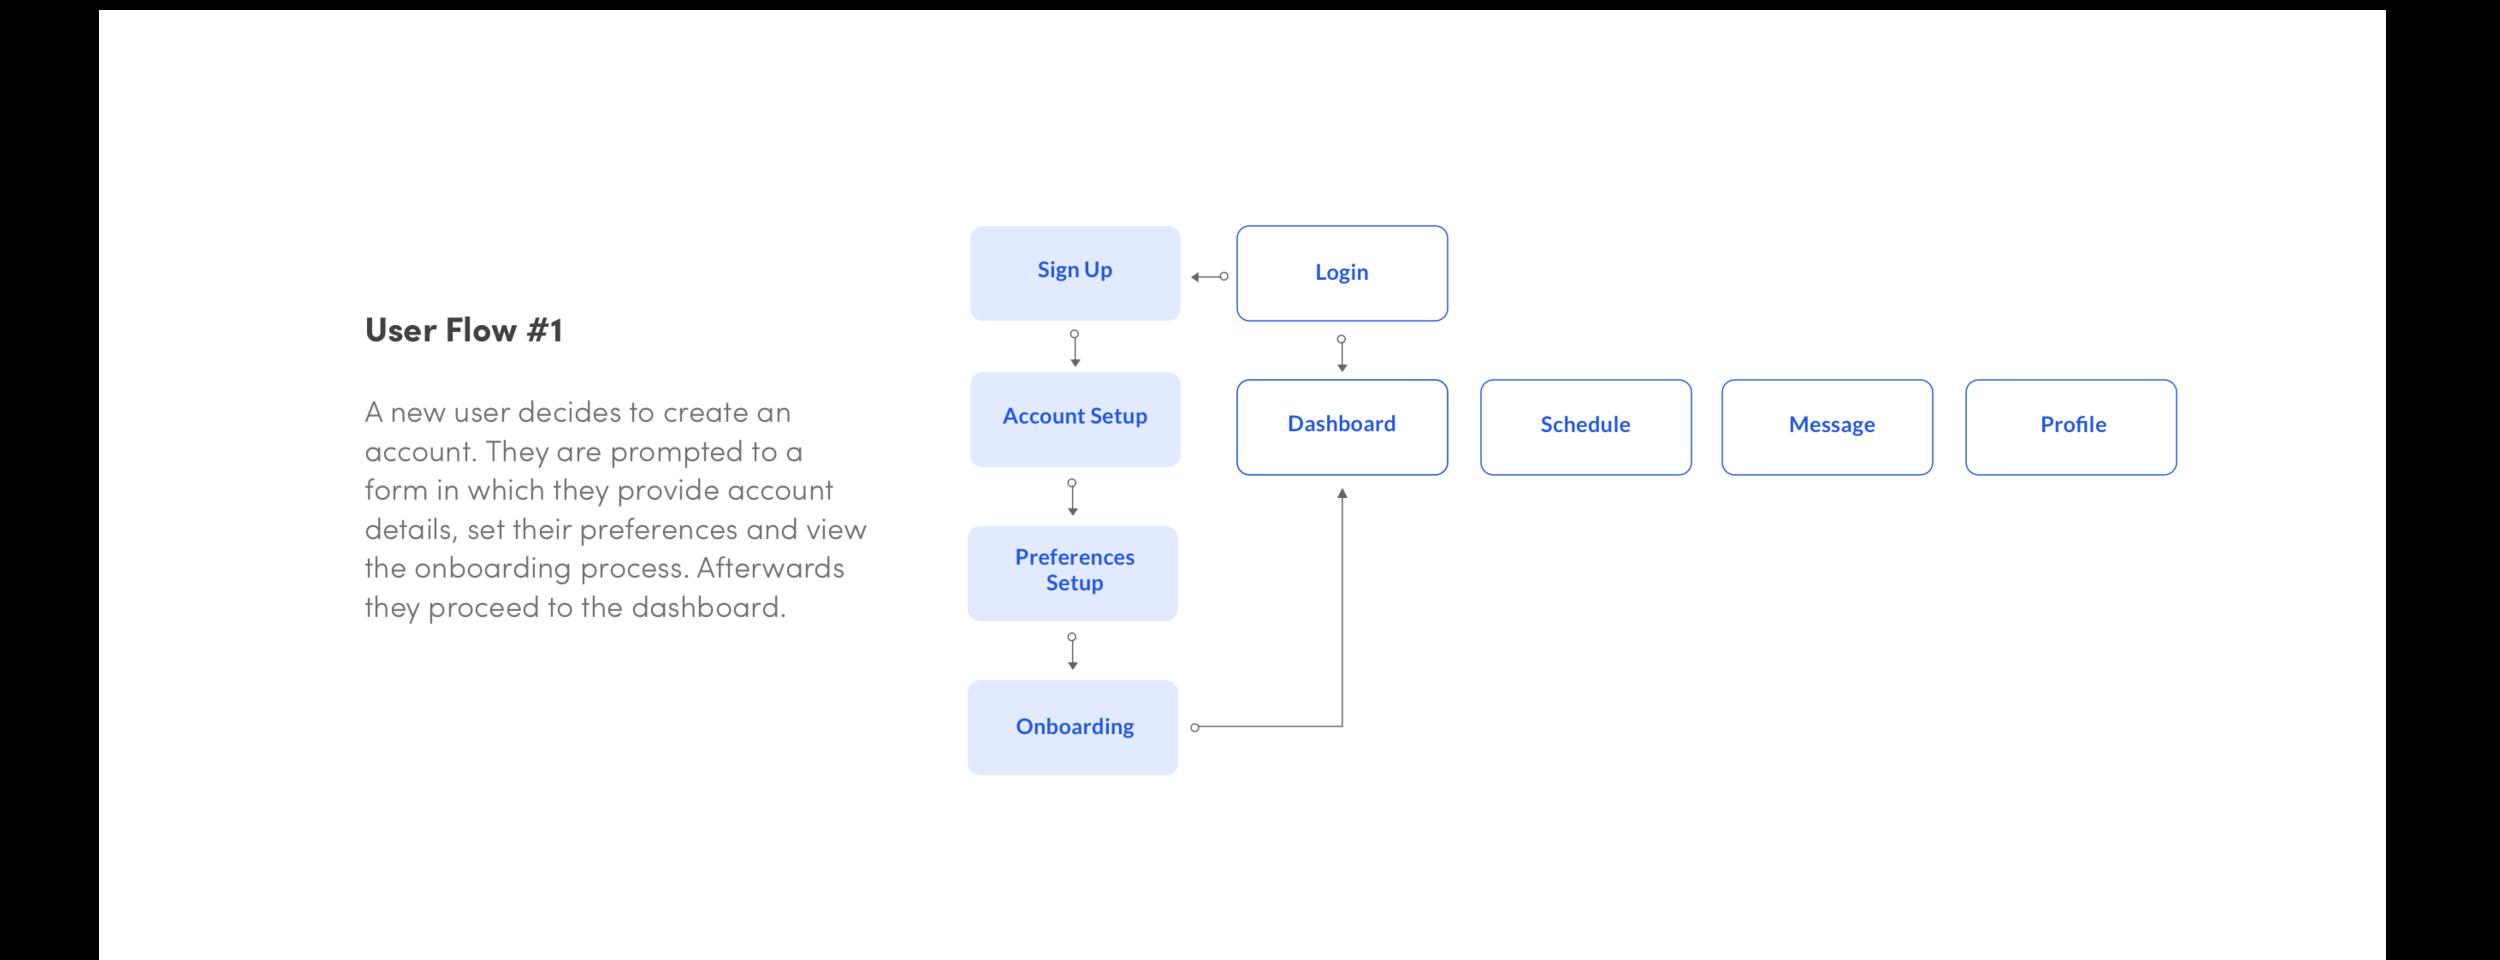 User Flow - Onboarding.png